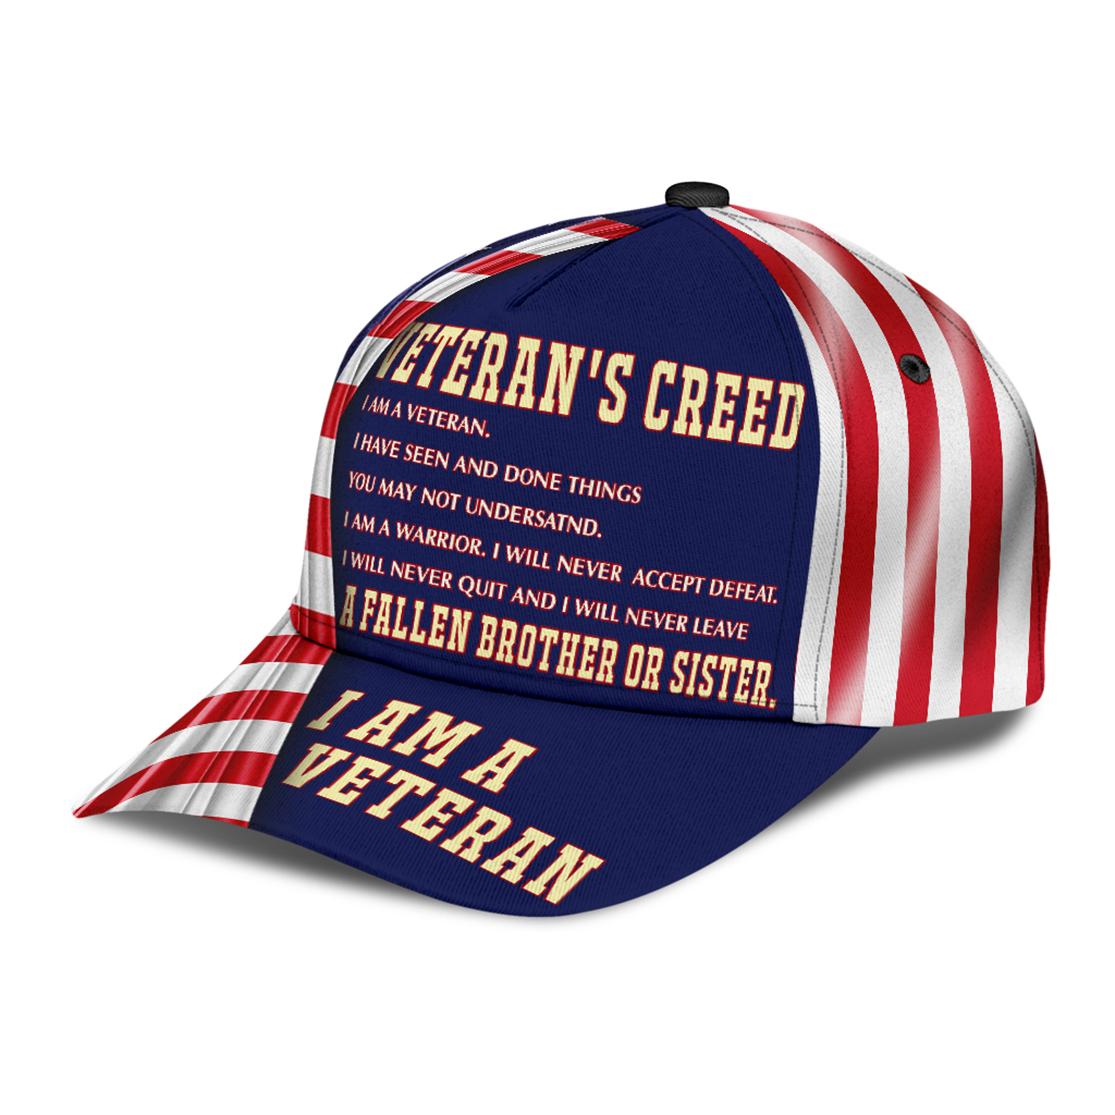 Veterans-creed-I-am-a-veteran-American-flag-cap-hat3